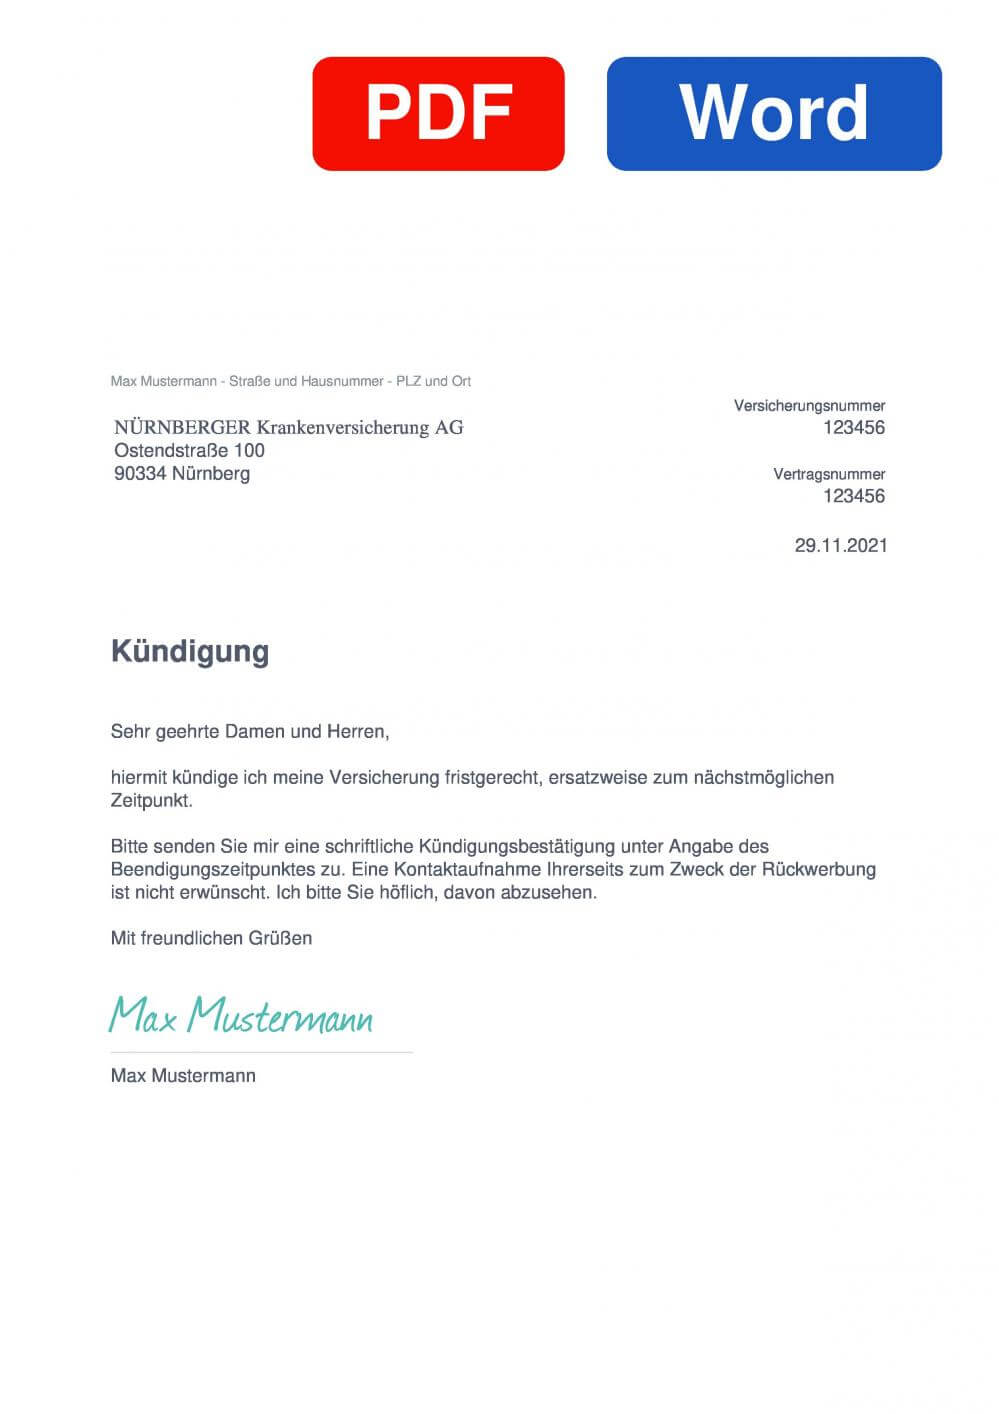 NÜRNBERGER Auslandskrankenversicherung Muster Vorlage für Kündigungsschreiben